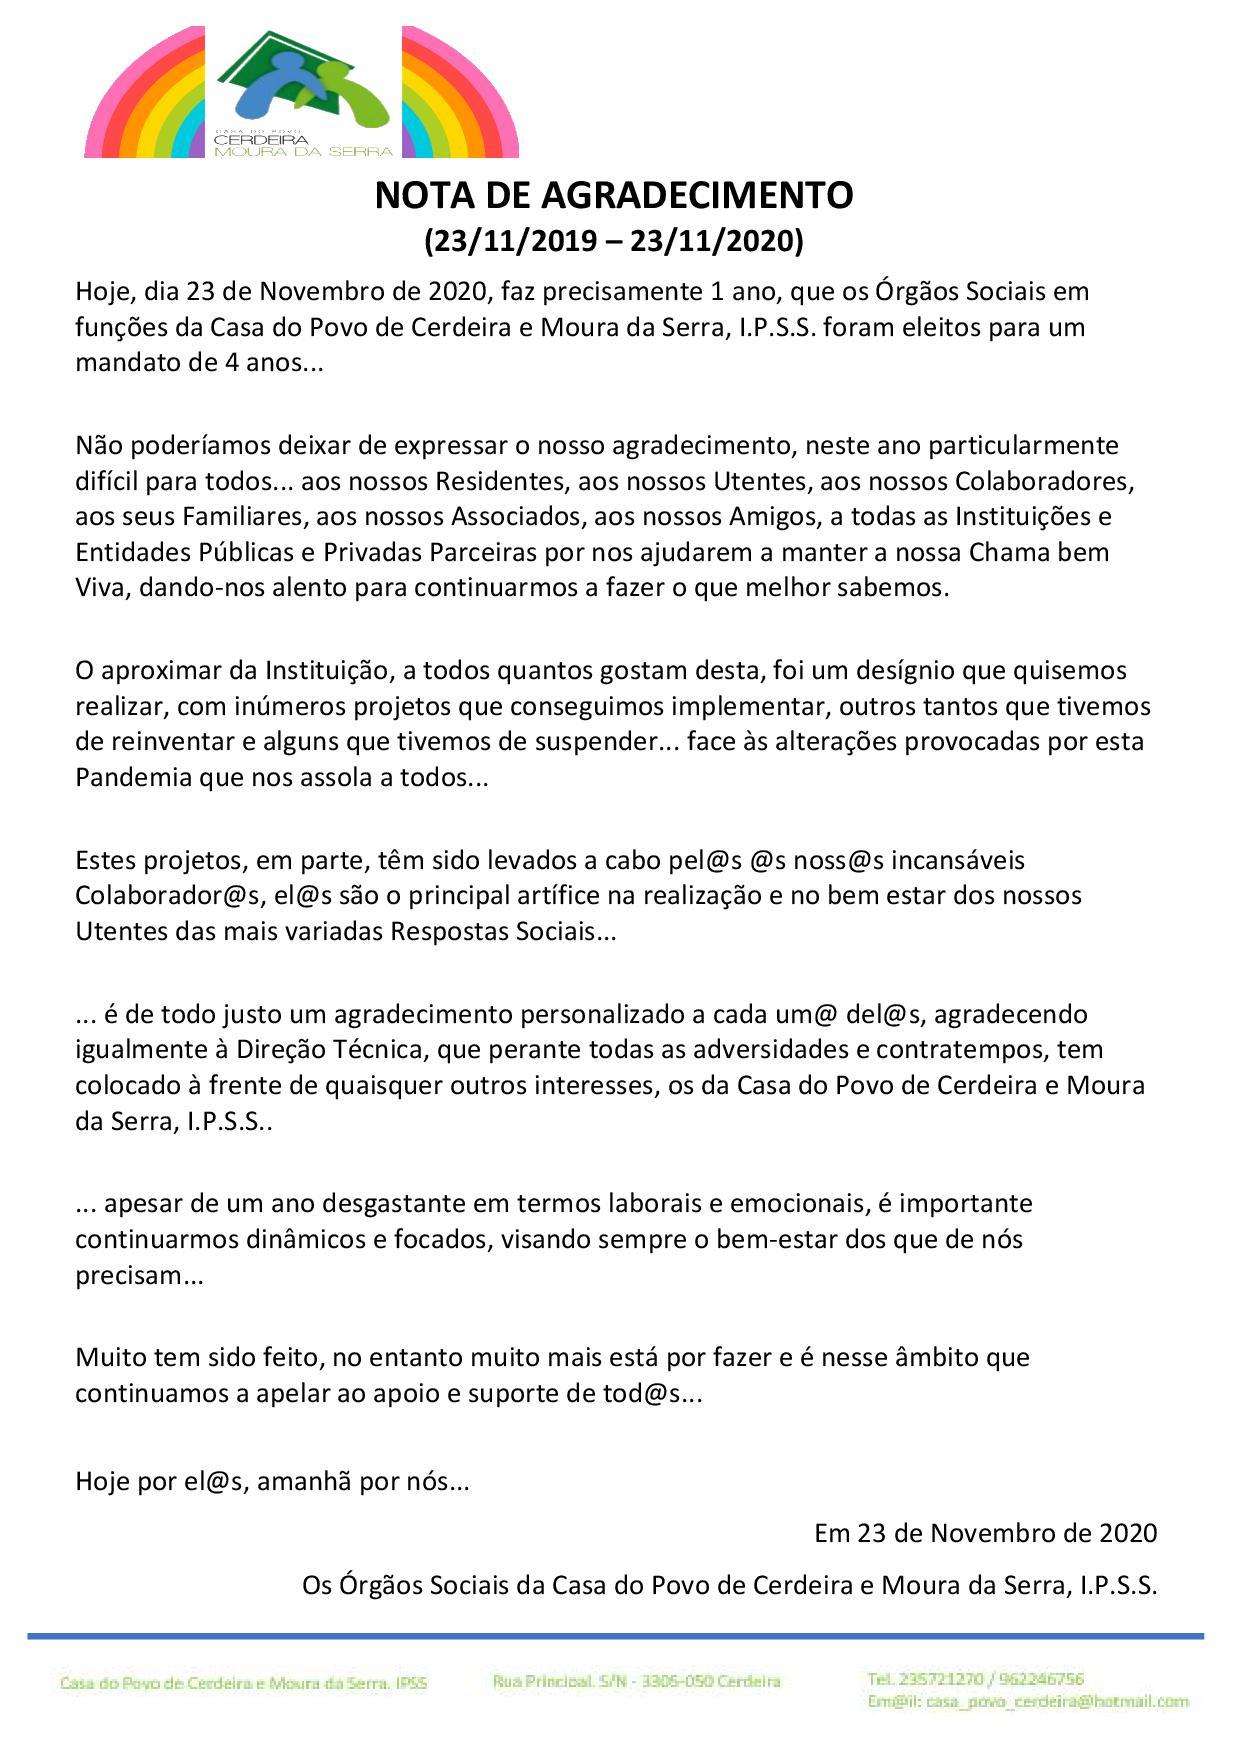 NOTA DE AGRADECIMENTO (23/11/2019 – 23/11/2020)